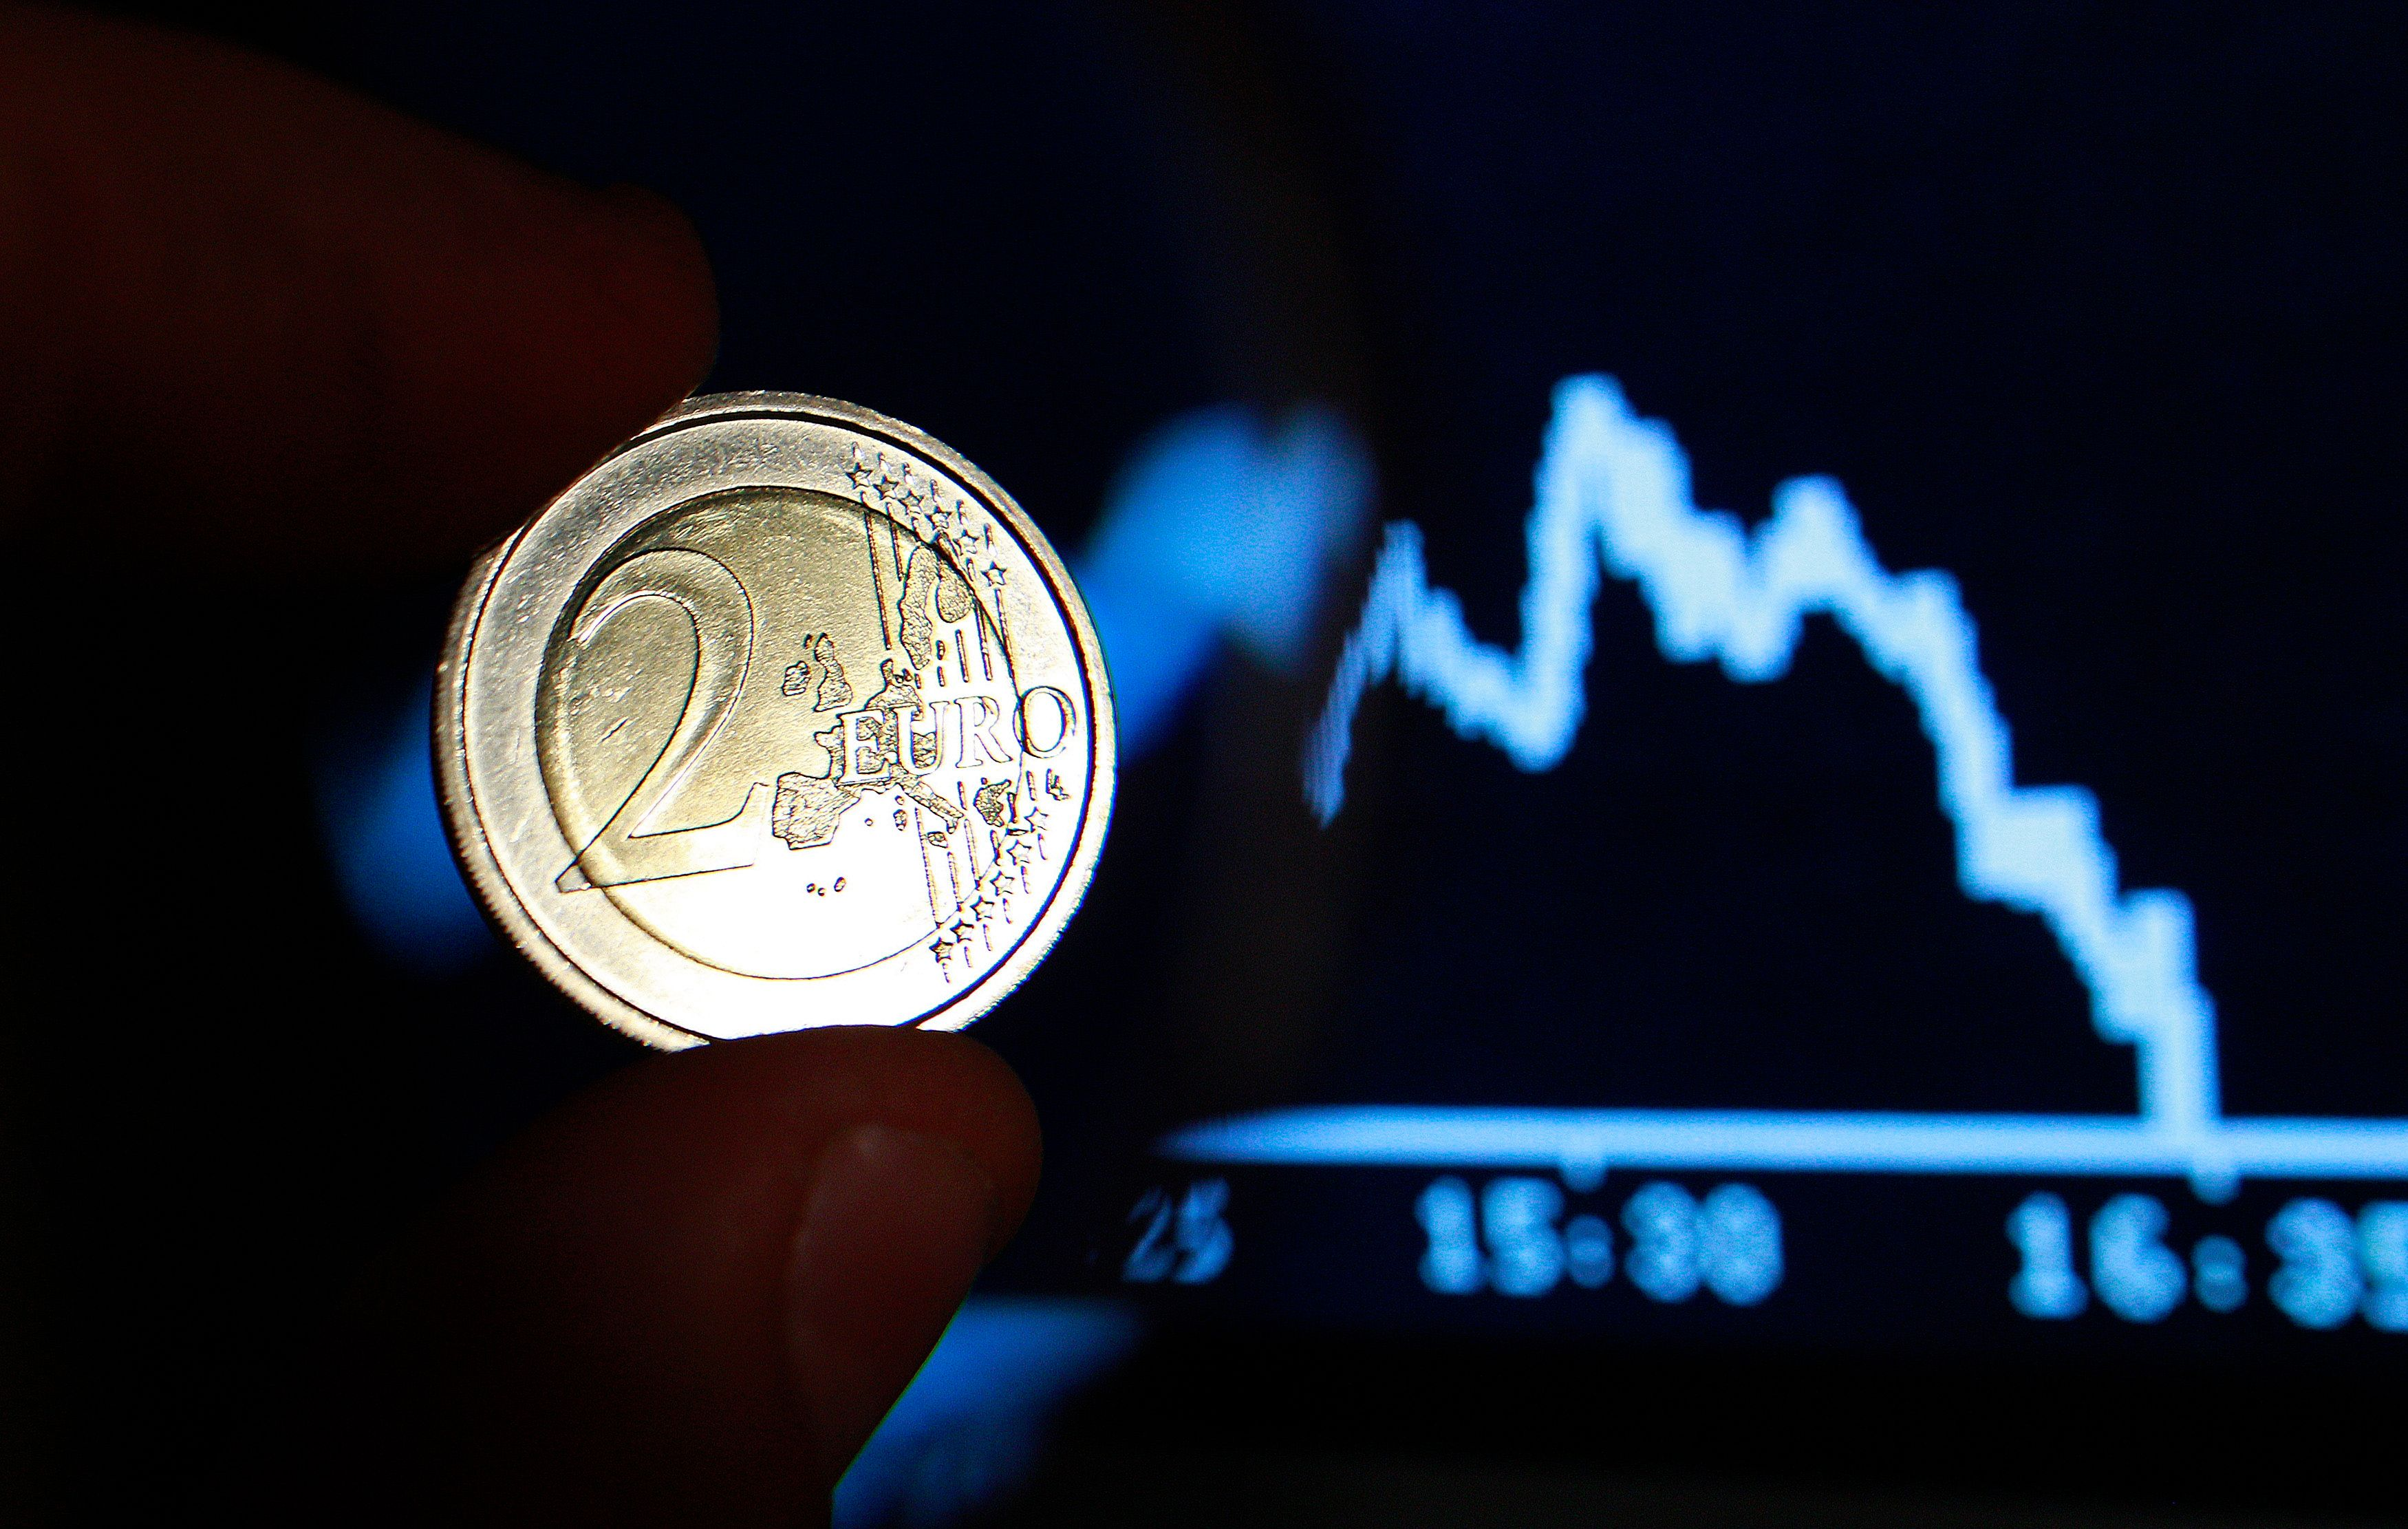 Les derniers indices sur l'activité du secteur privé laissent présager que la zone euro pourrait entrer à nouveau en récession au troisième trimestre.